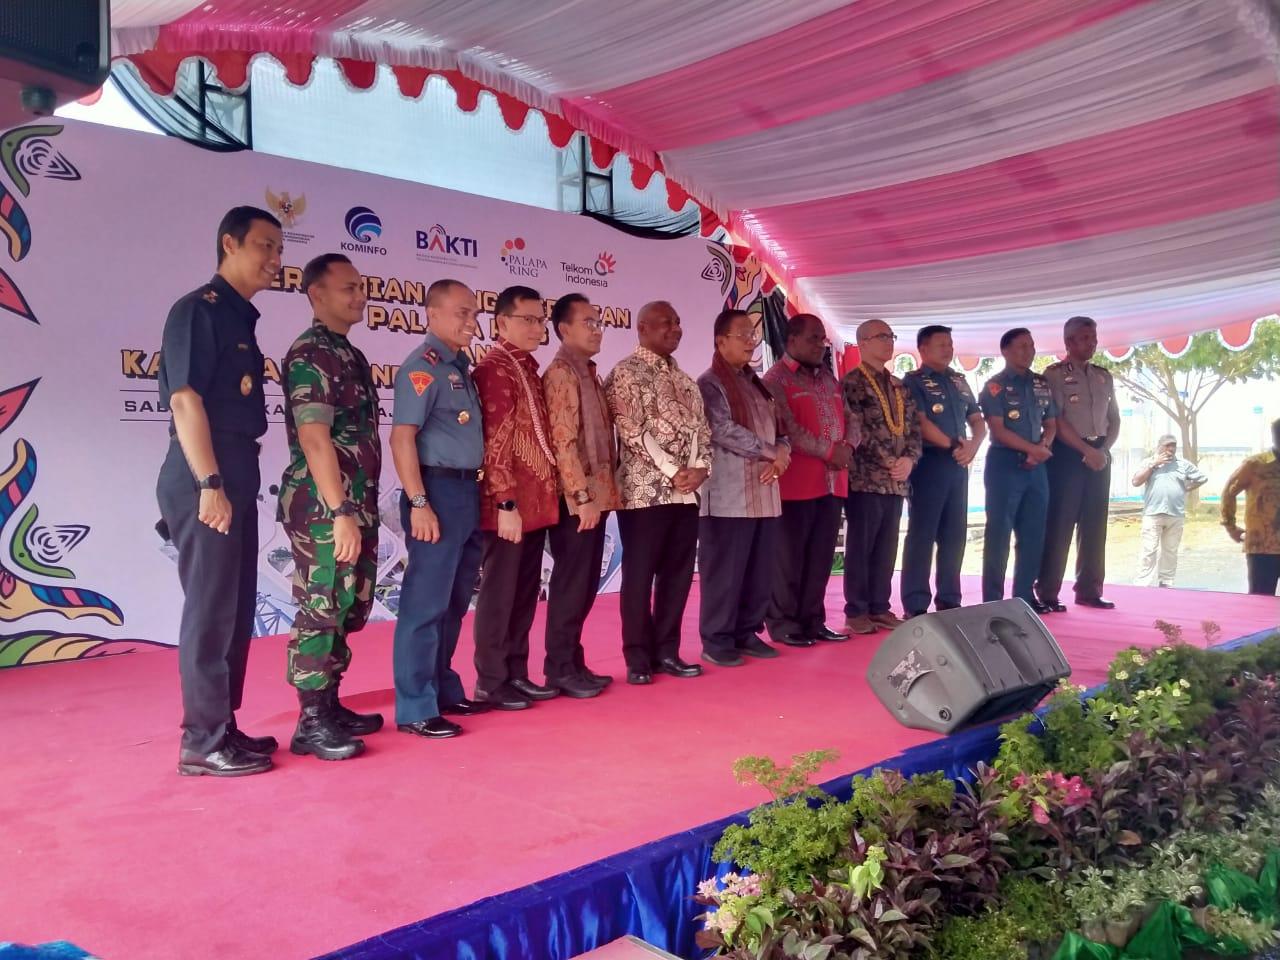 Dominggus Mandacan : KEK Sorong Sejalan Dengan Sasaran Perioritas Pembangunan di Provinsi Papua Barat